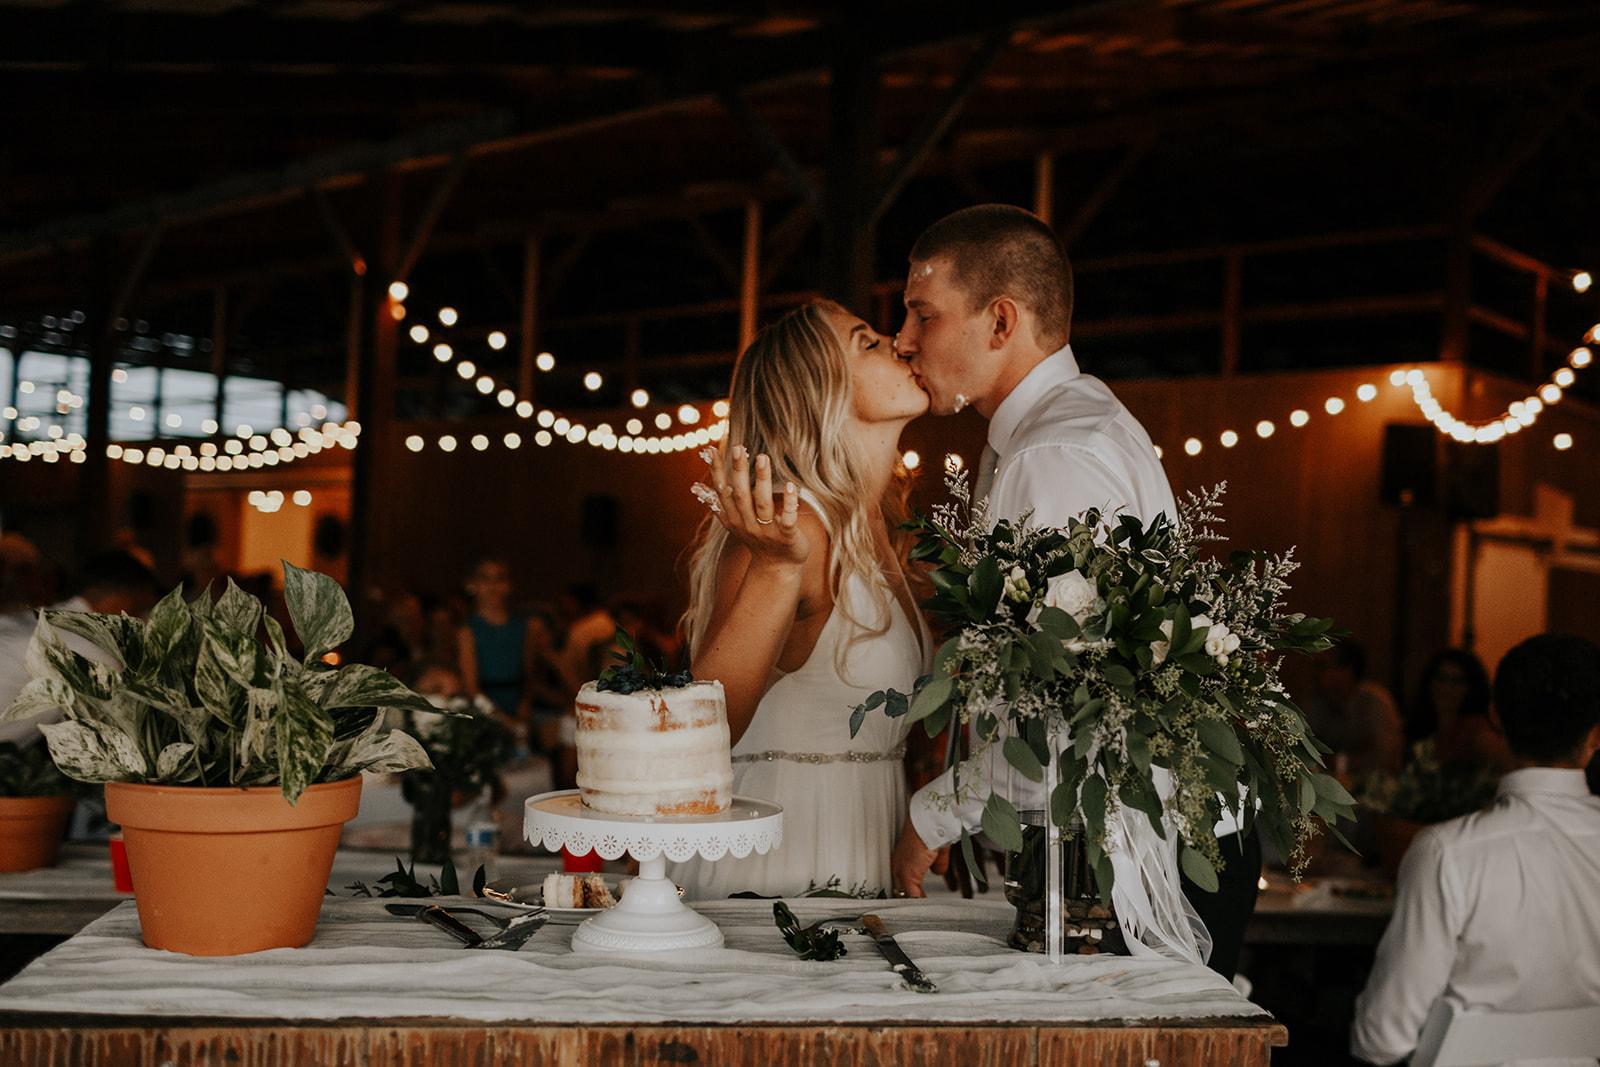 ginapaulson_larabryce_wedding-1154.jpg